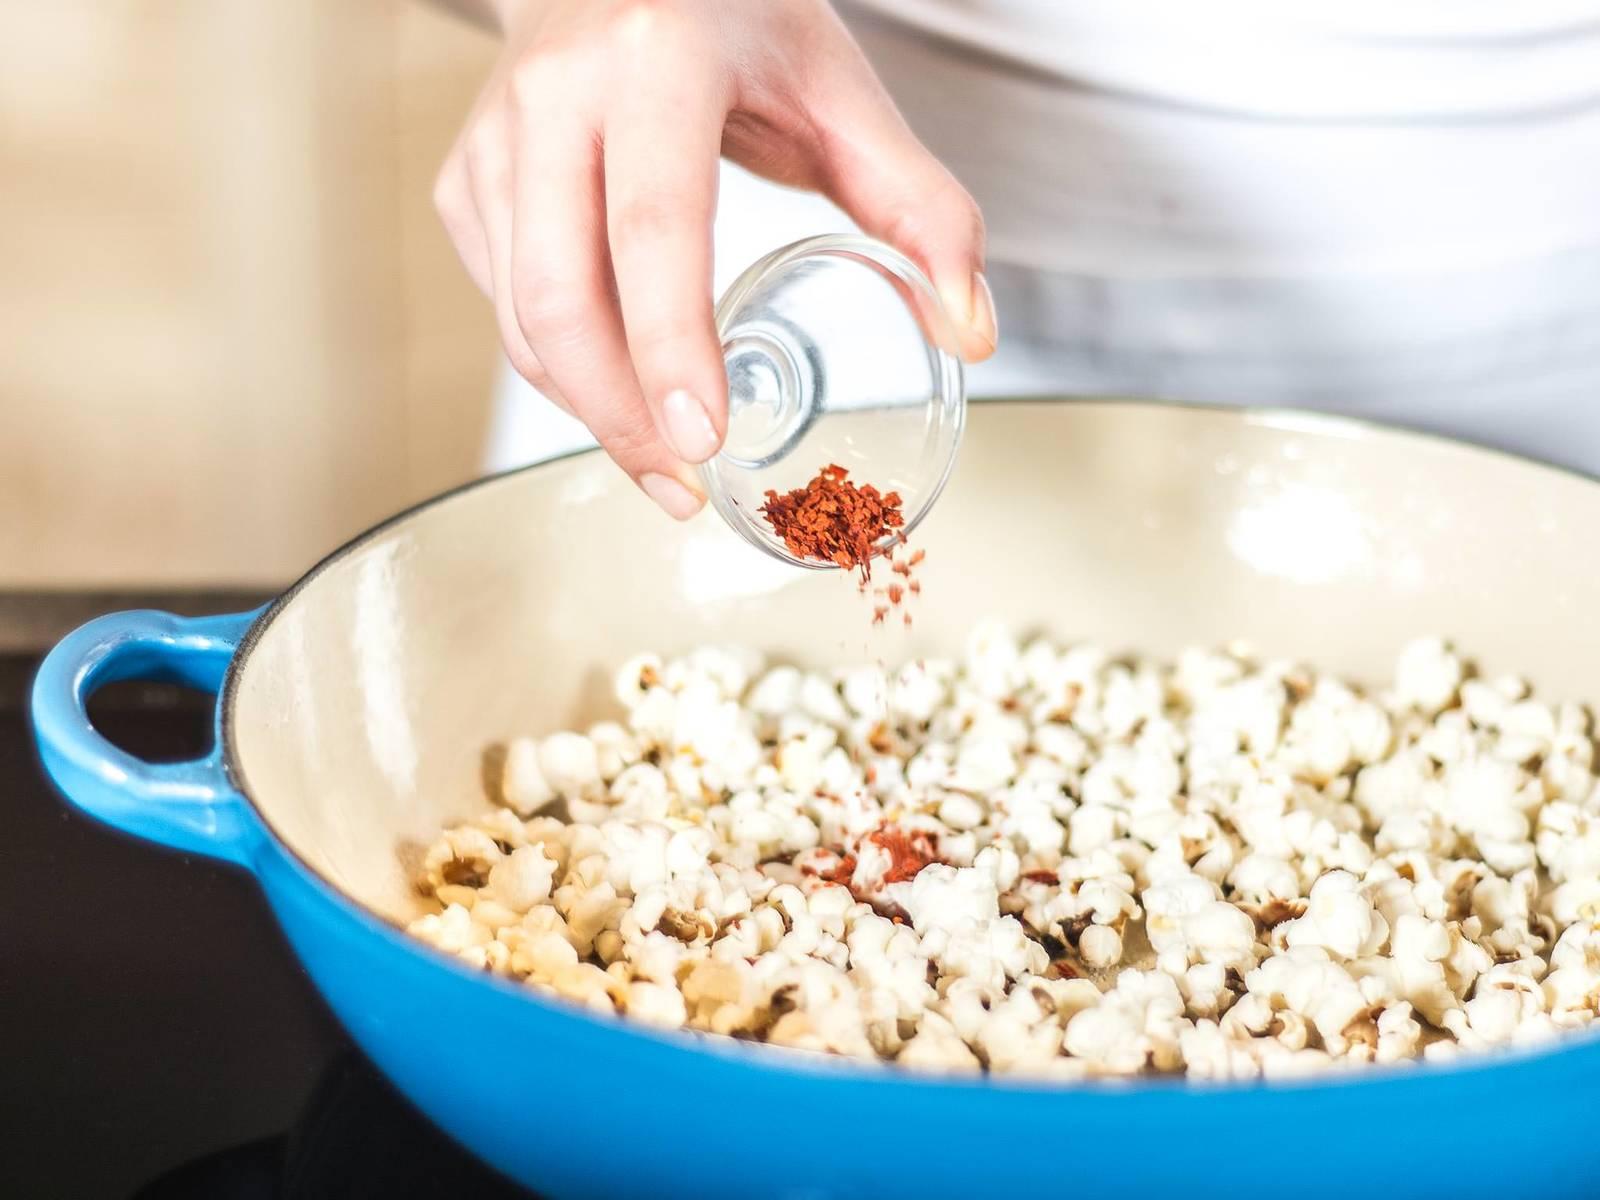 爆米花的制做:在大平底锅中加热少许植物油,加入爆米花玉米,加盖。用中温加热至玉米全部爆开。然后根据个人口味加入辣椒粉与盐即可。